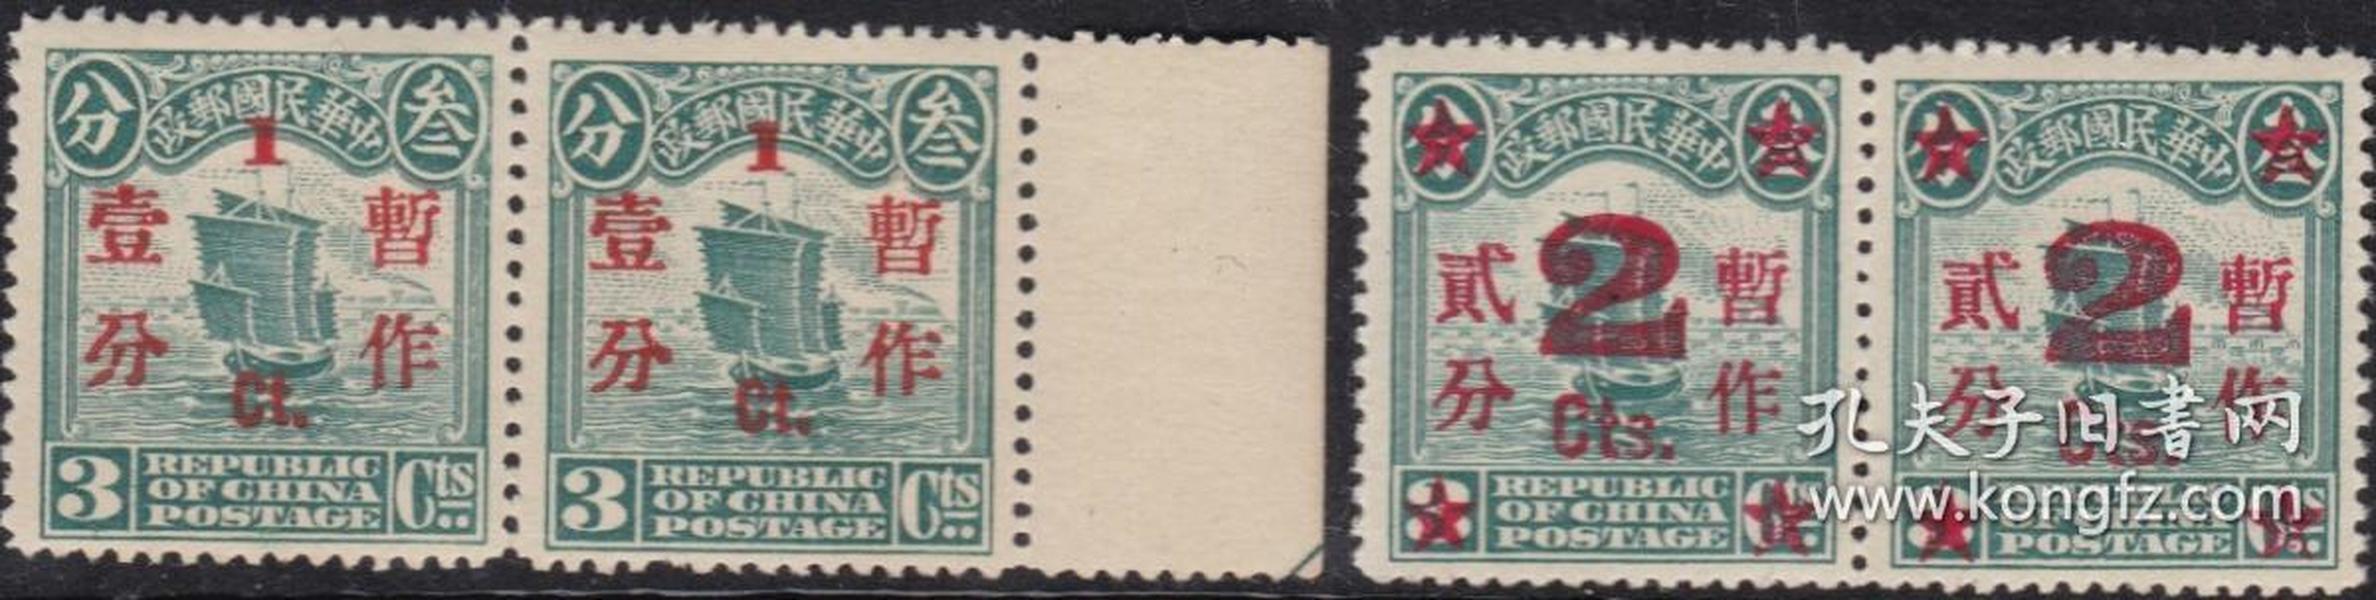 【民国邮票普9 北京一版帆船加盖暂作改值邮票双联联一件 2全【原胶无贴】】